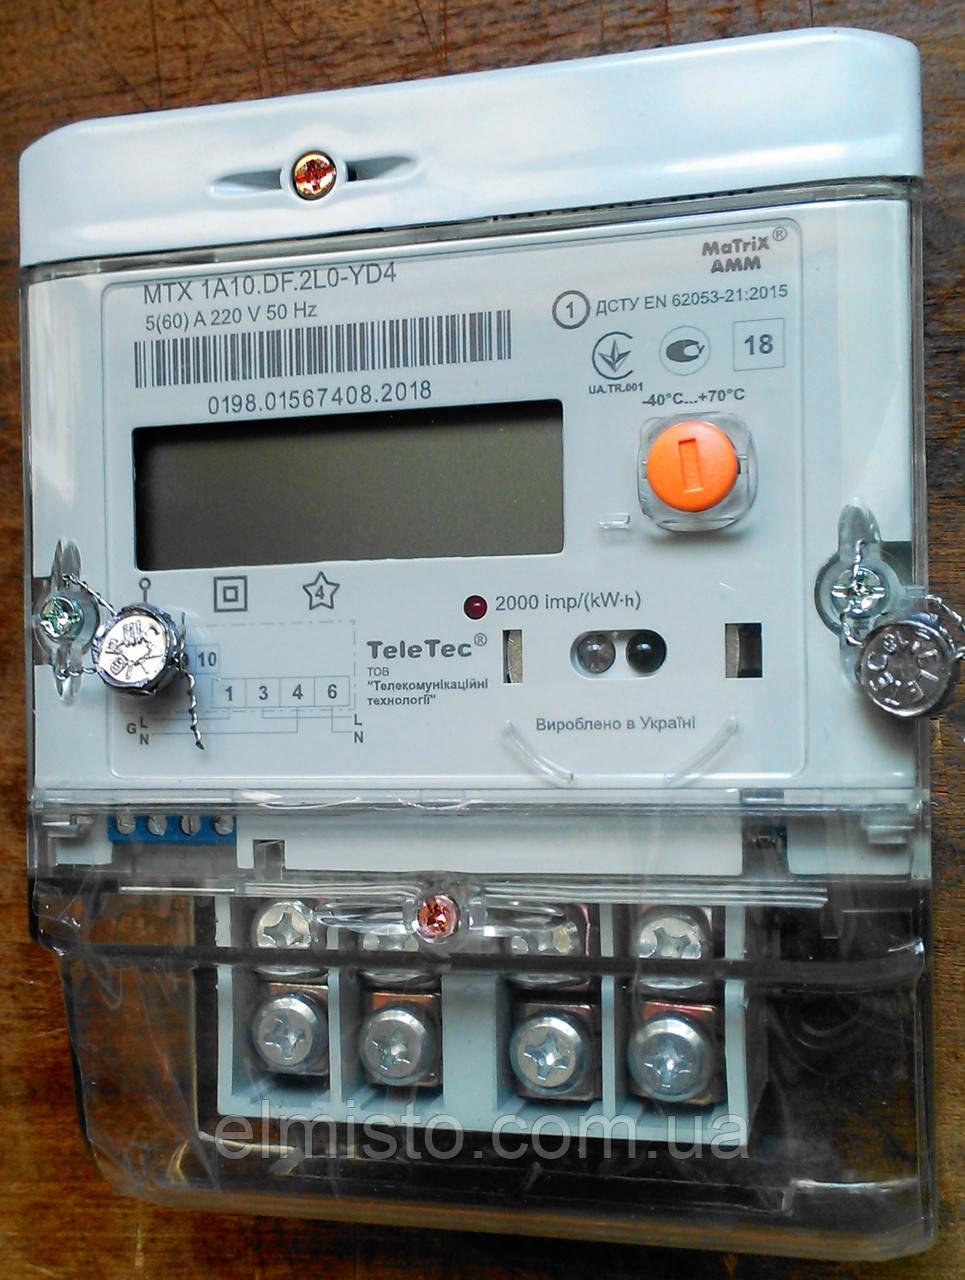 Электросчетчик MTX1A10.DF.2L0-YD4 однофазный многотарифный 5-60А, реле вкл/откл нагр., датчик магн.поля, PLC2